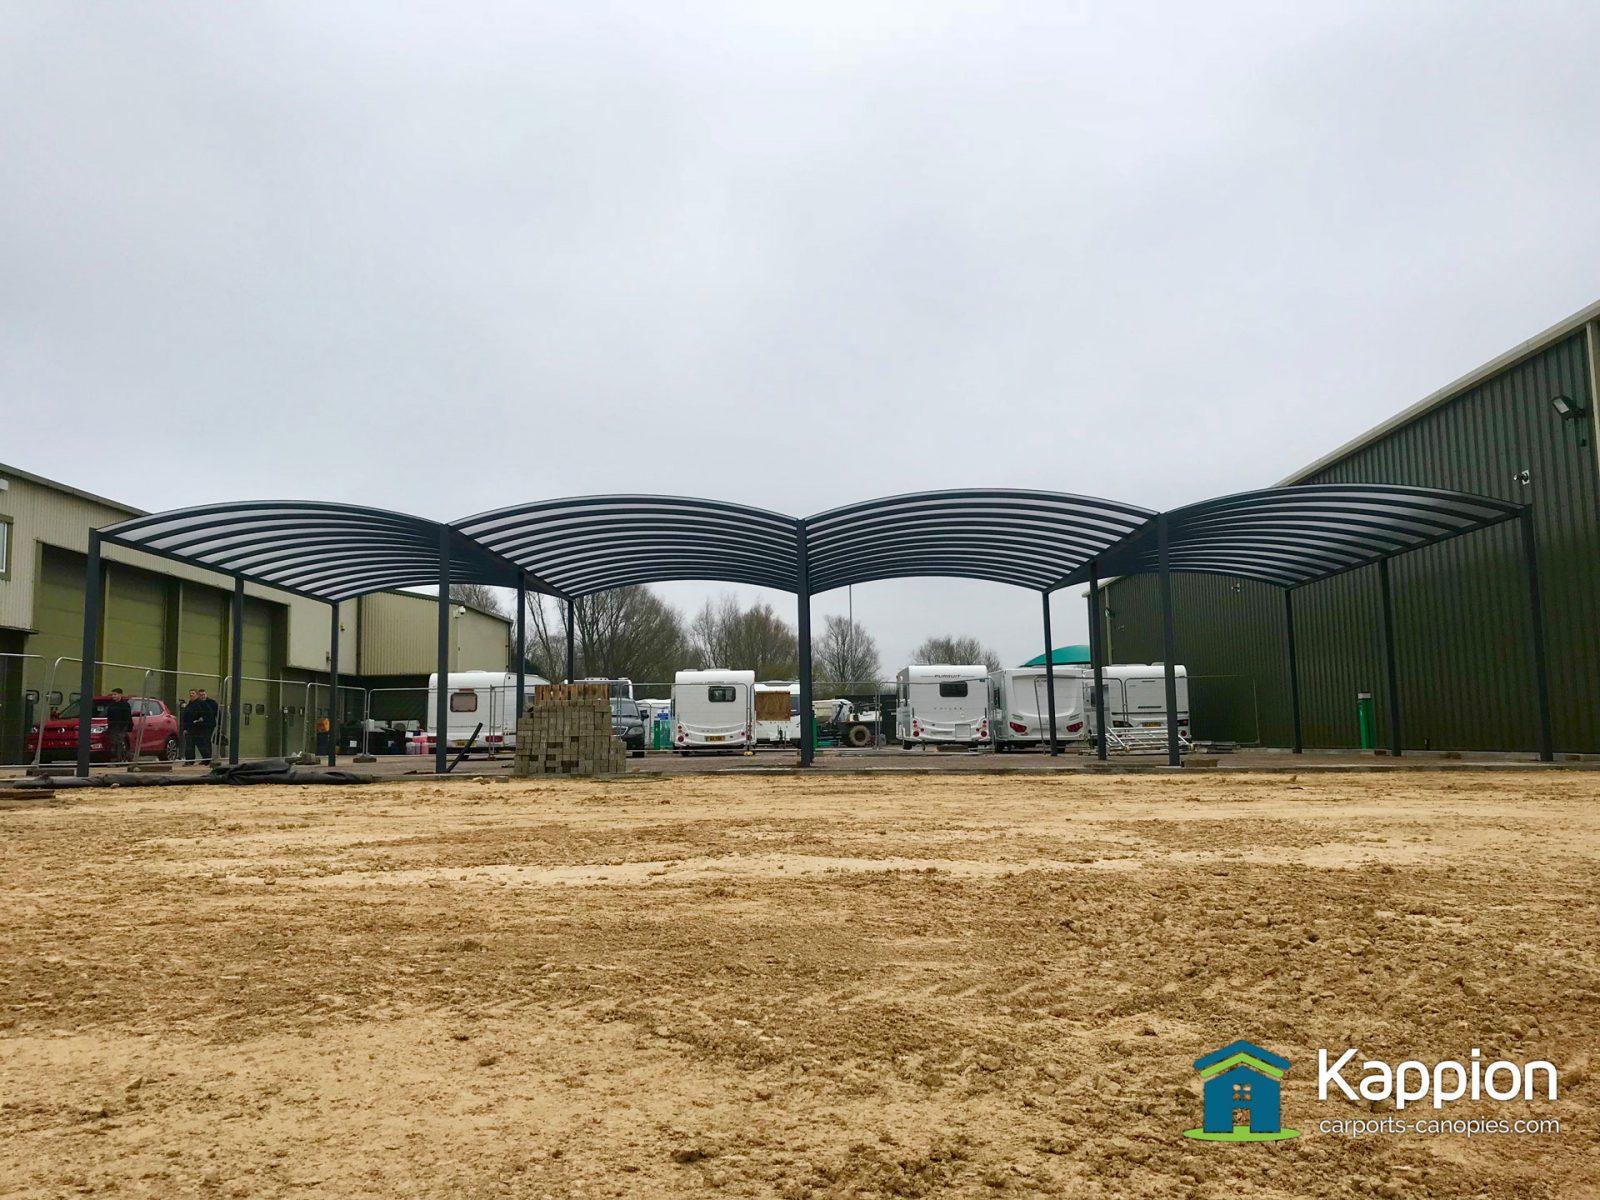 Five Bay Handover Canopy